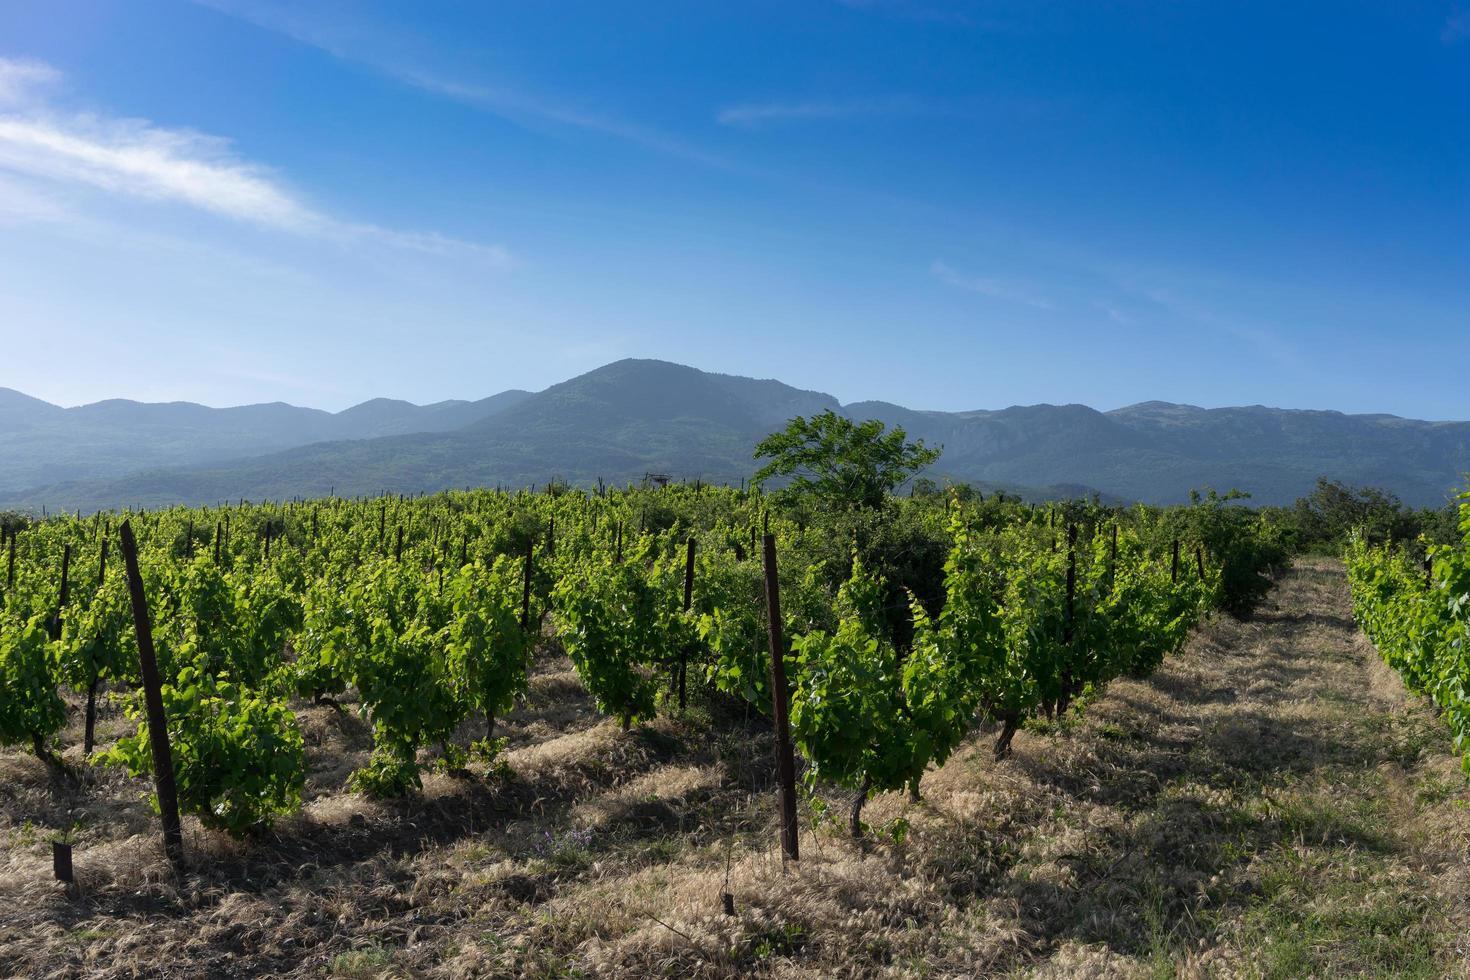 paesaggio naturale con vigneti verdi contro un cielo blu. foto